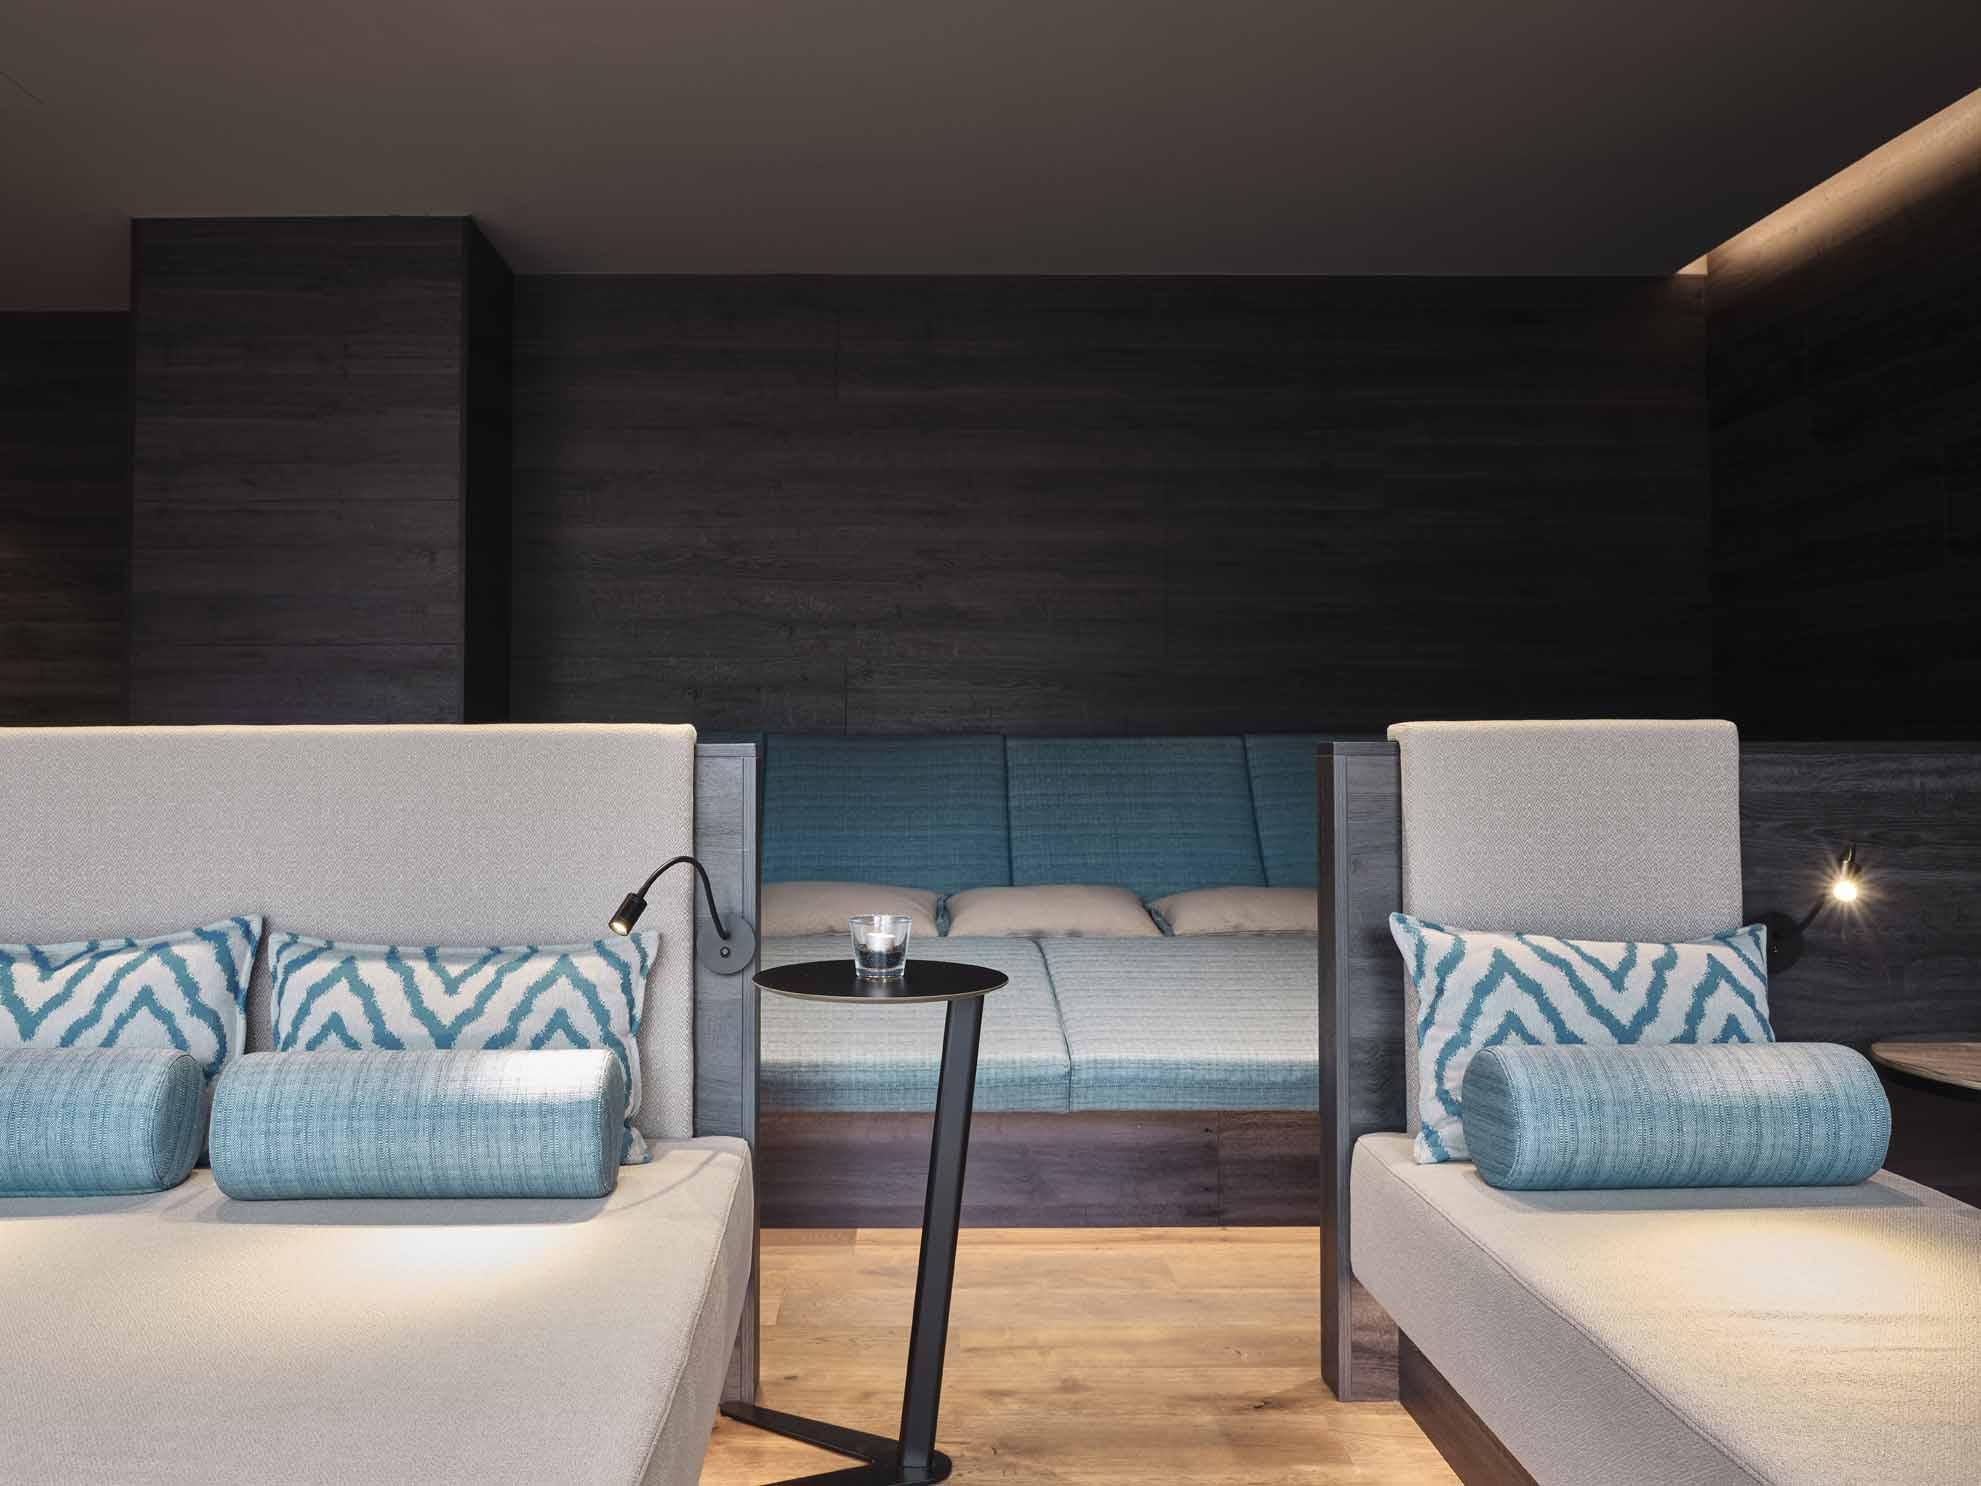 Liegebetten im Hasenauer-Ruheraum mit grauen und blauen Polstern